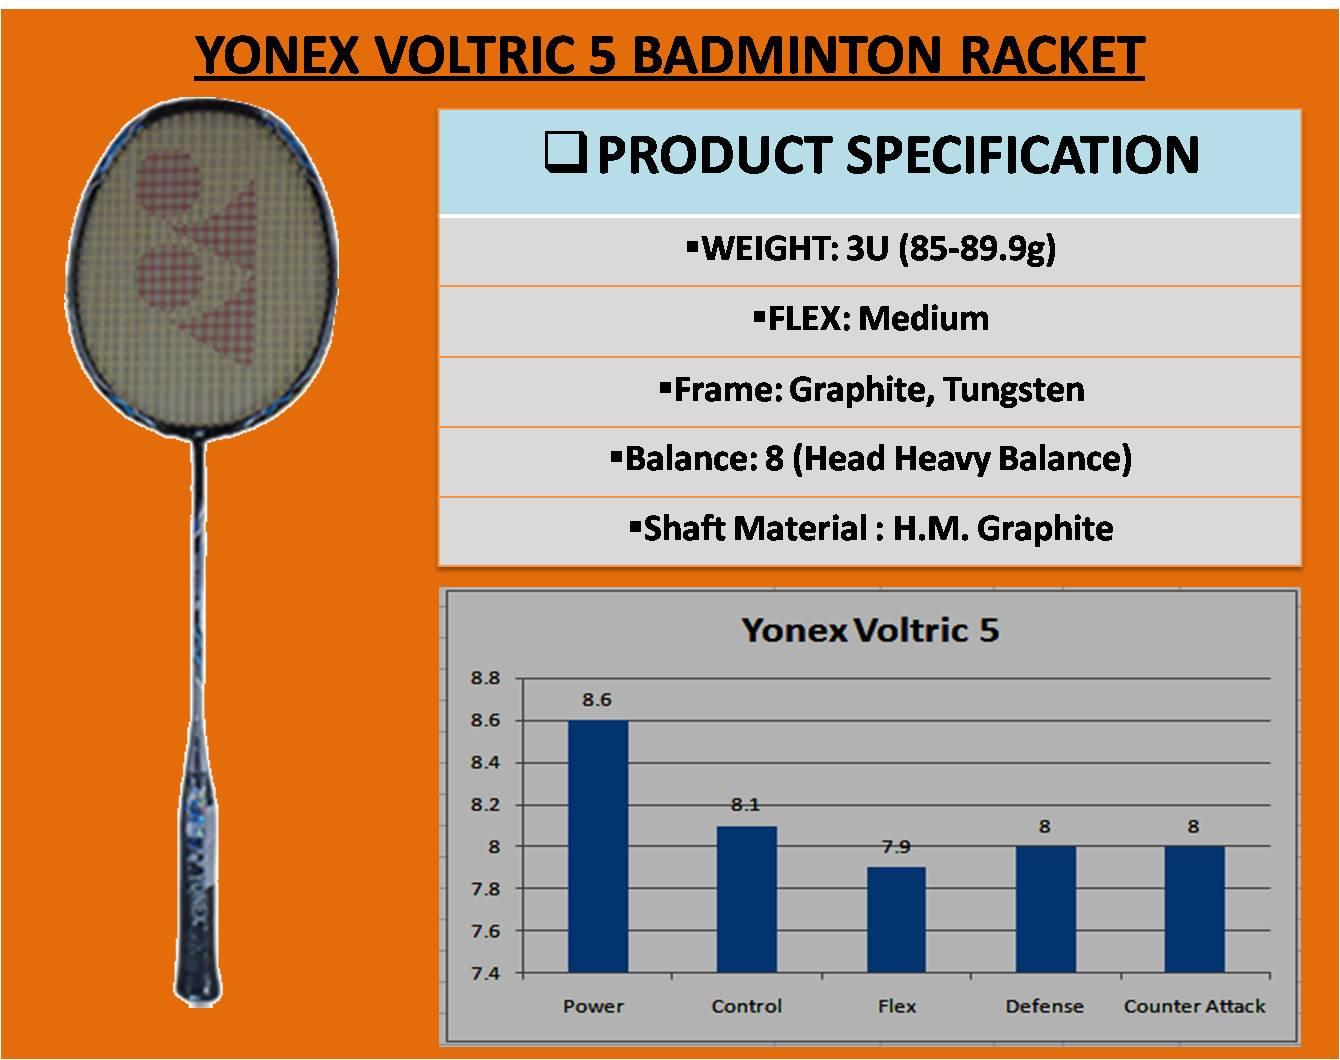 YONEX VOLTRIC 5 BADMINTON RACKET